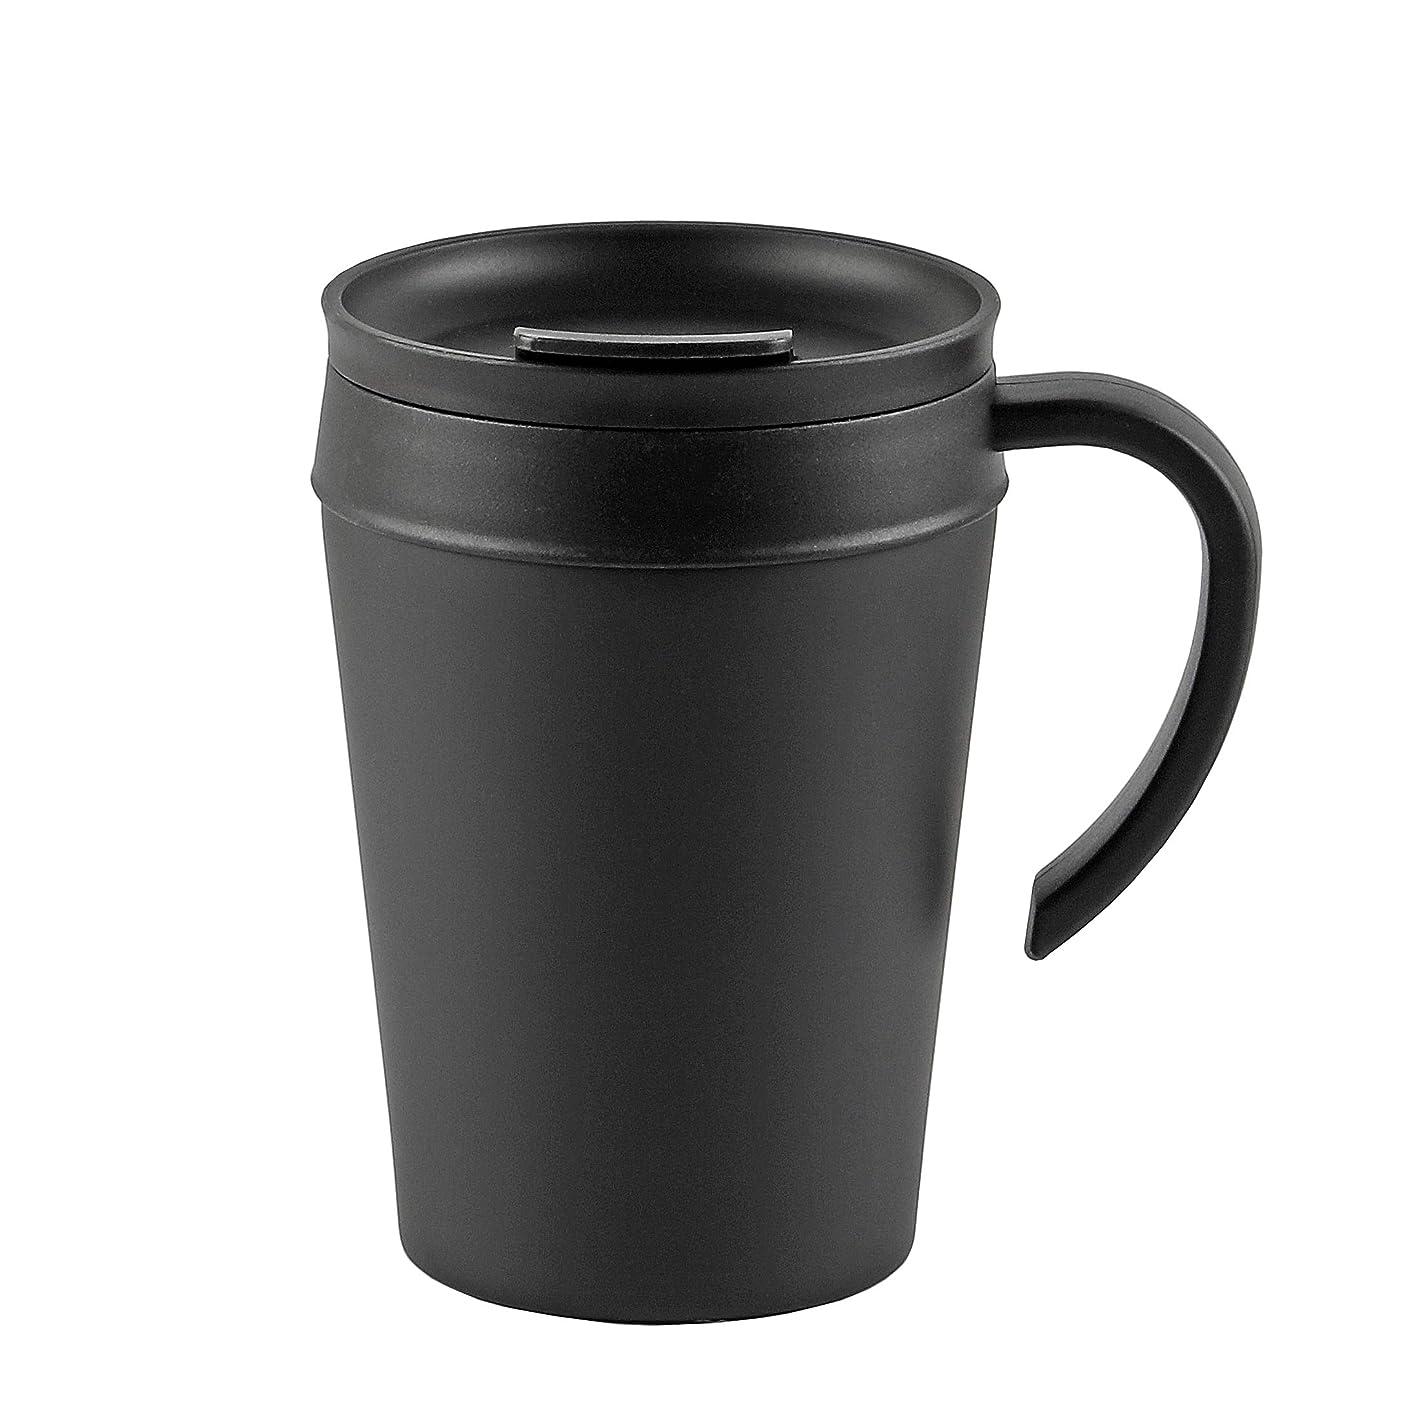 ひらめき失業者演じる【BLKP】 パール金属 マグカップ 400ml 蓋付き 限定 ブラック BLKP 黒 AZ-5023